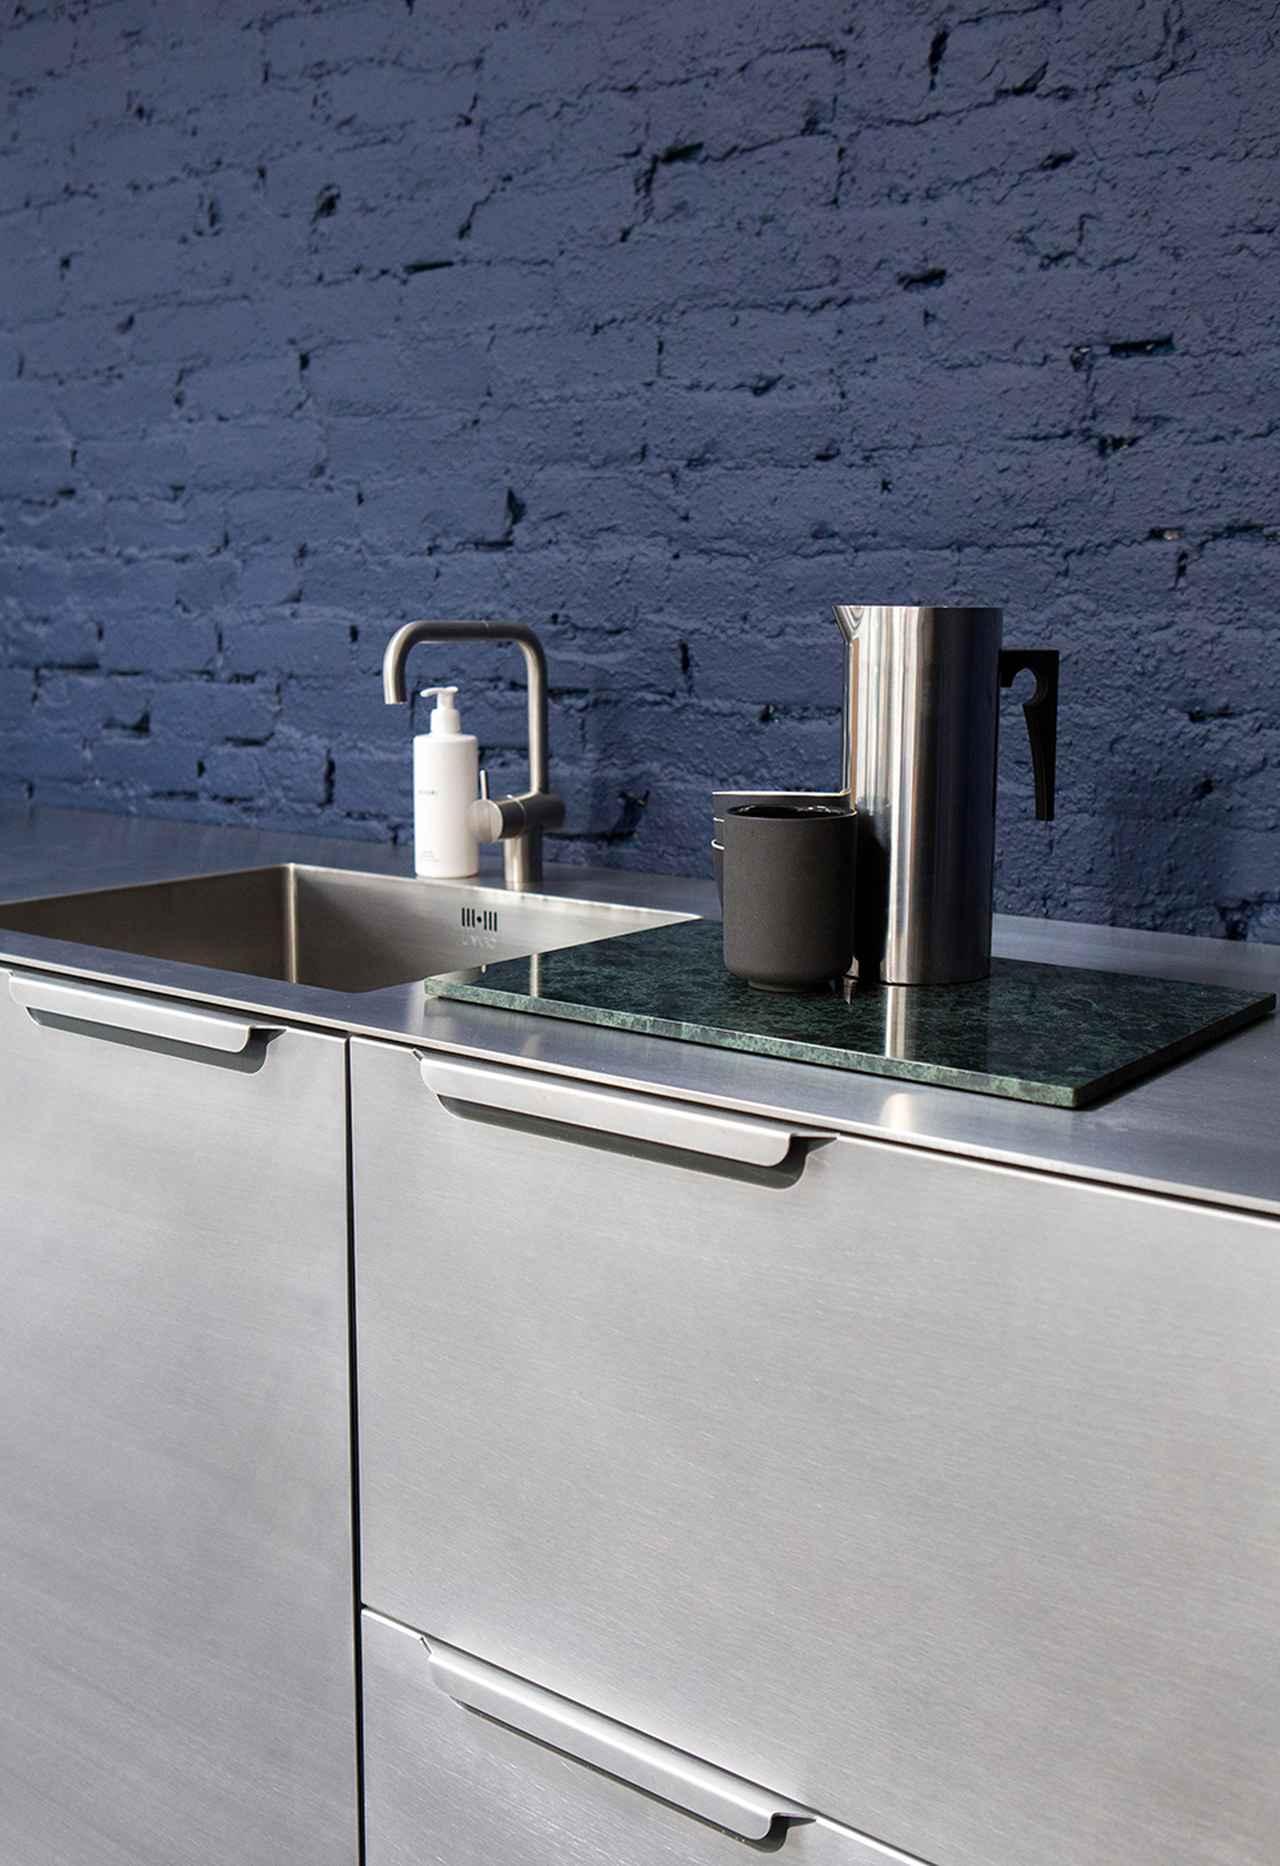 """Images : 2番目の画像 - 「IKEAの製品を """"デザイナー品質""""に。 インテリア業界を変えた男たち」のアルバム - T JAPAN:The New York Times Style Magazine 公式サイト"""